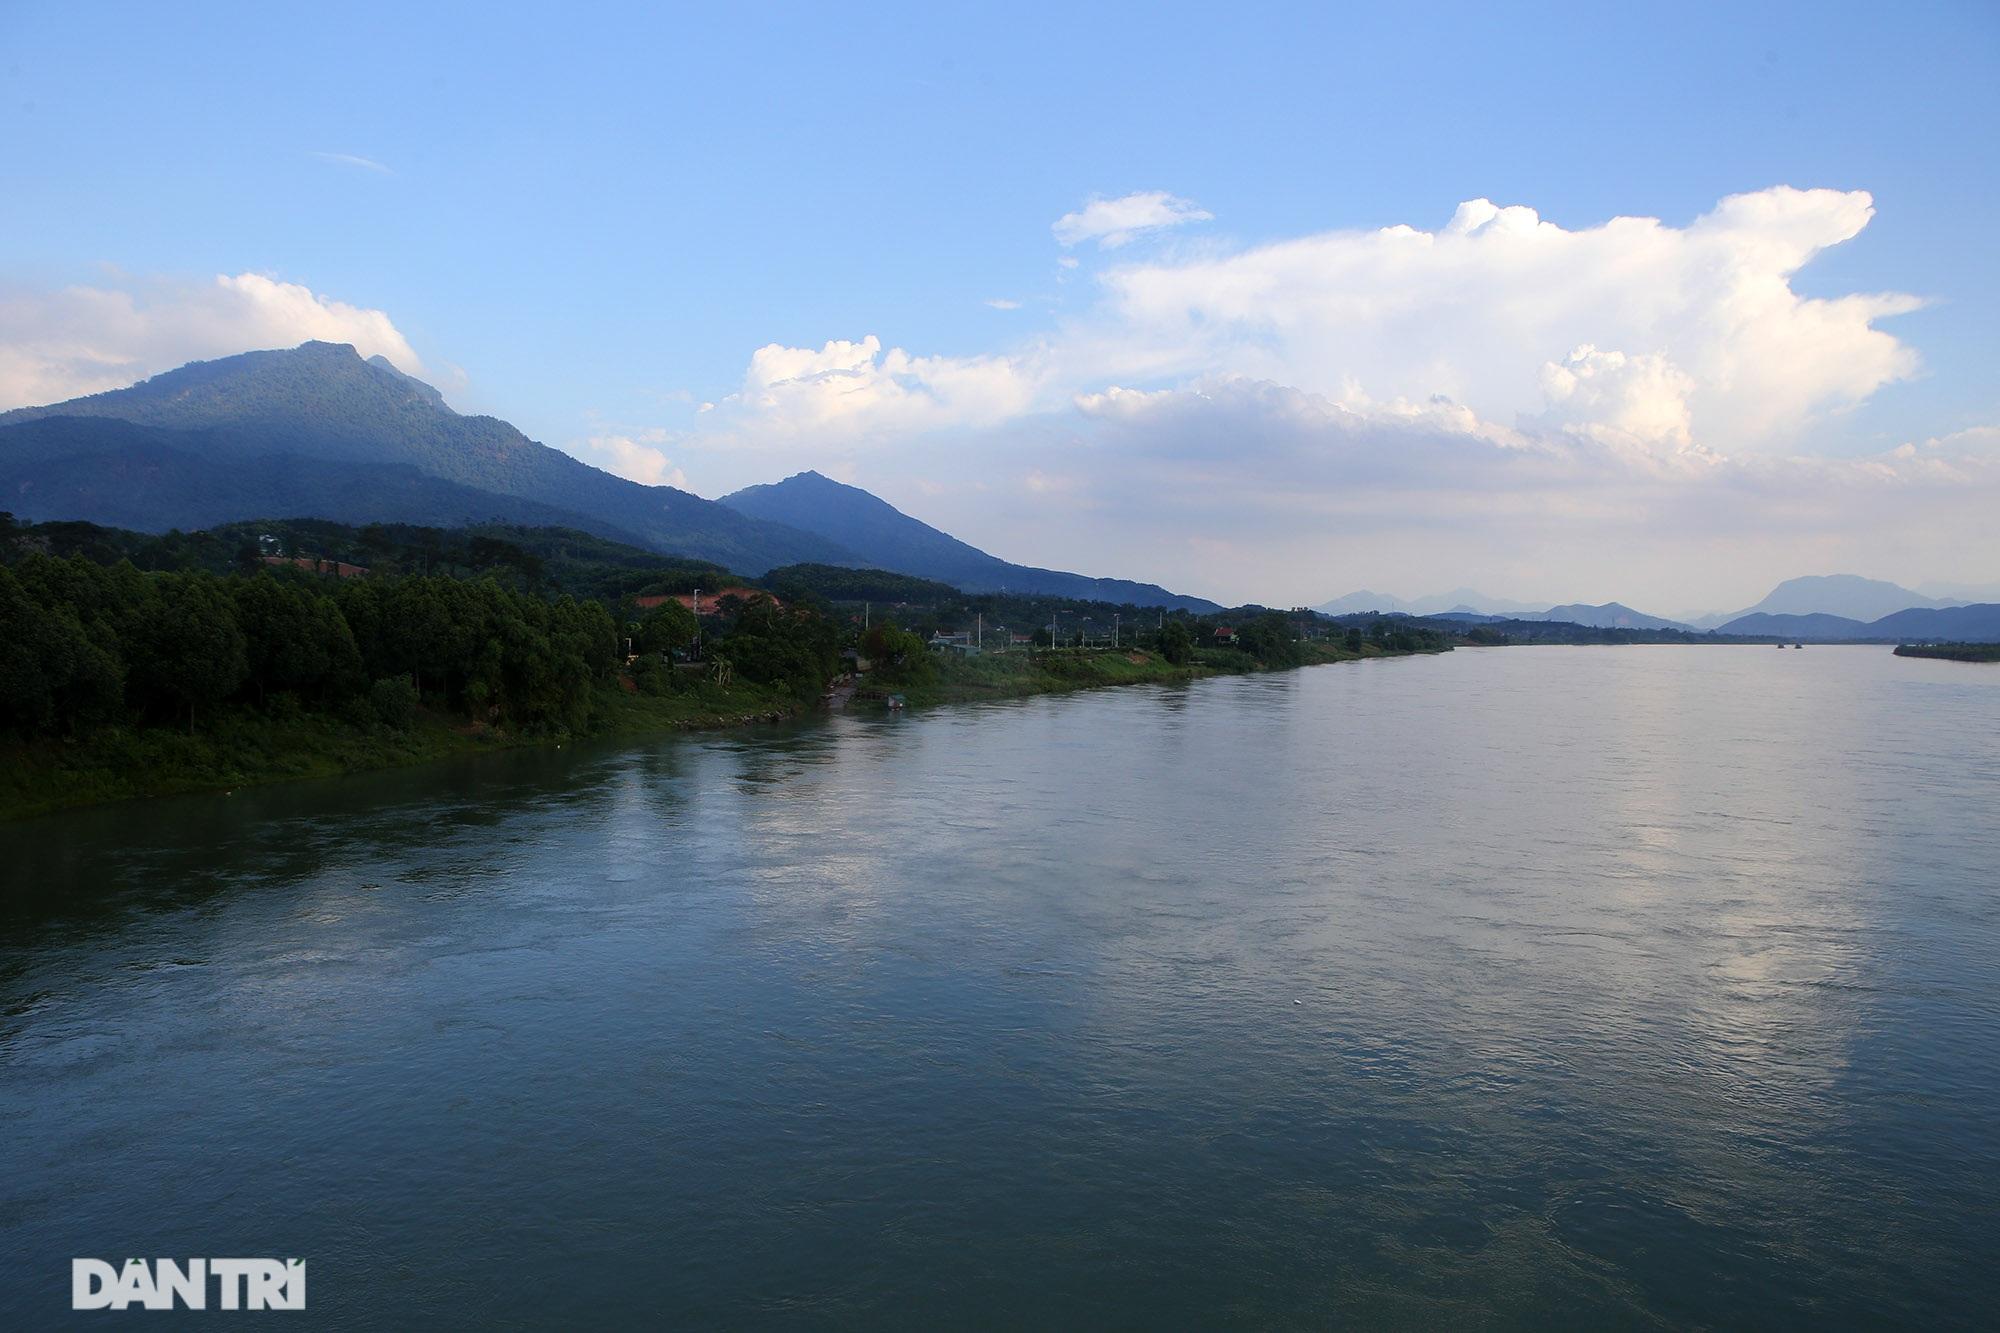 Núi thiêng gần Hà Nội đẹp mê mải nhìn từ muôn phương tám hướng - 9